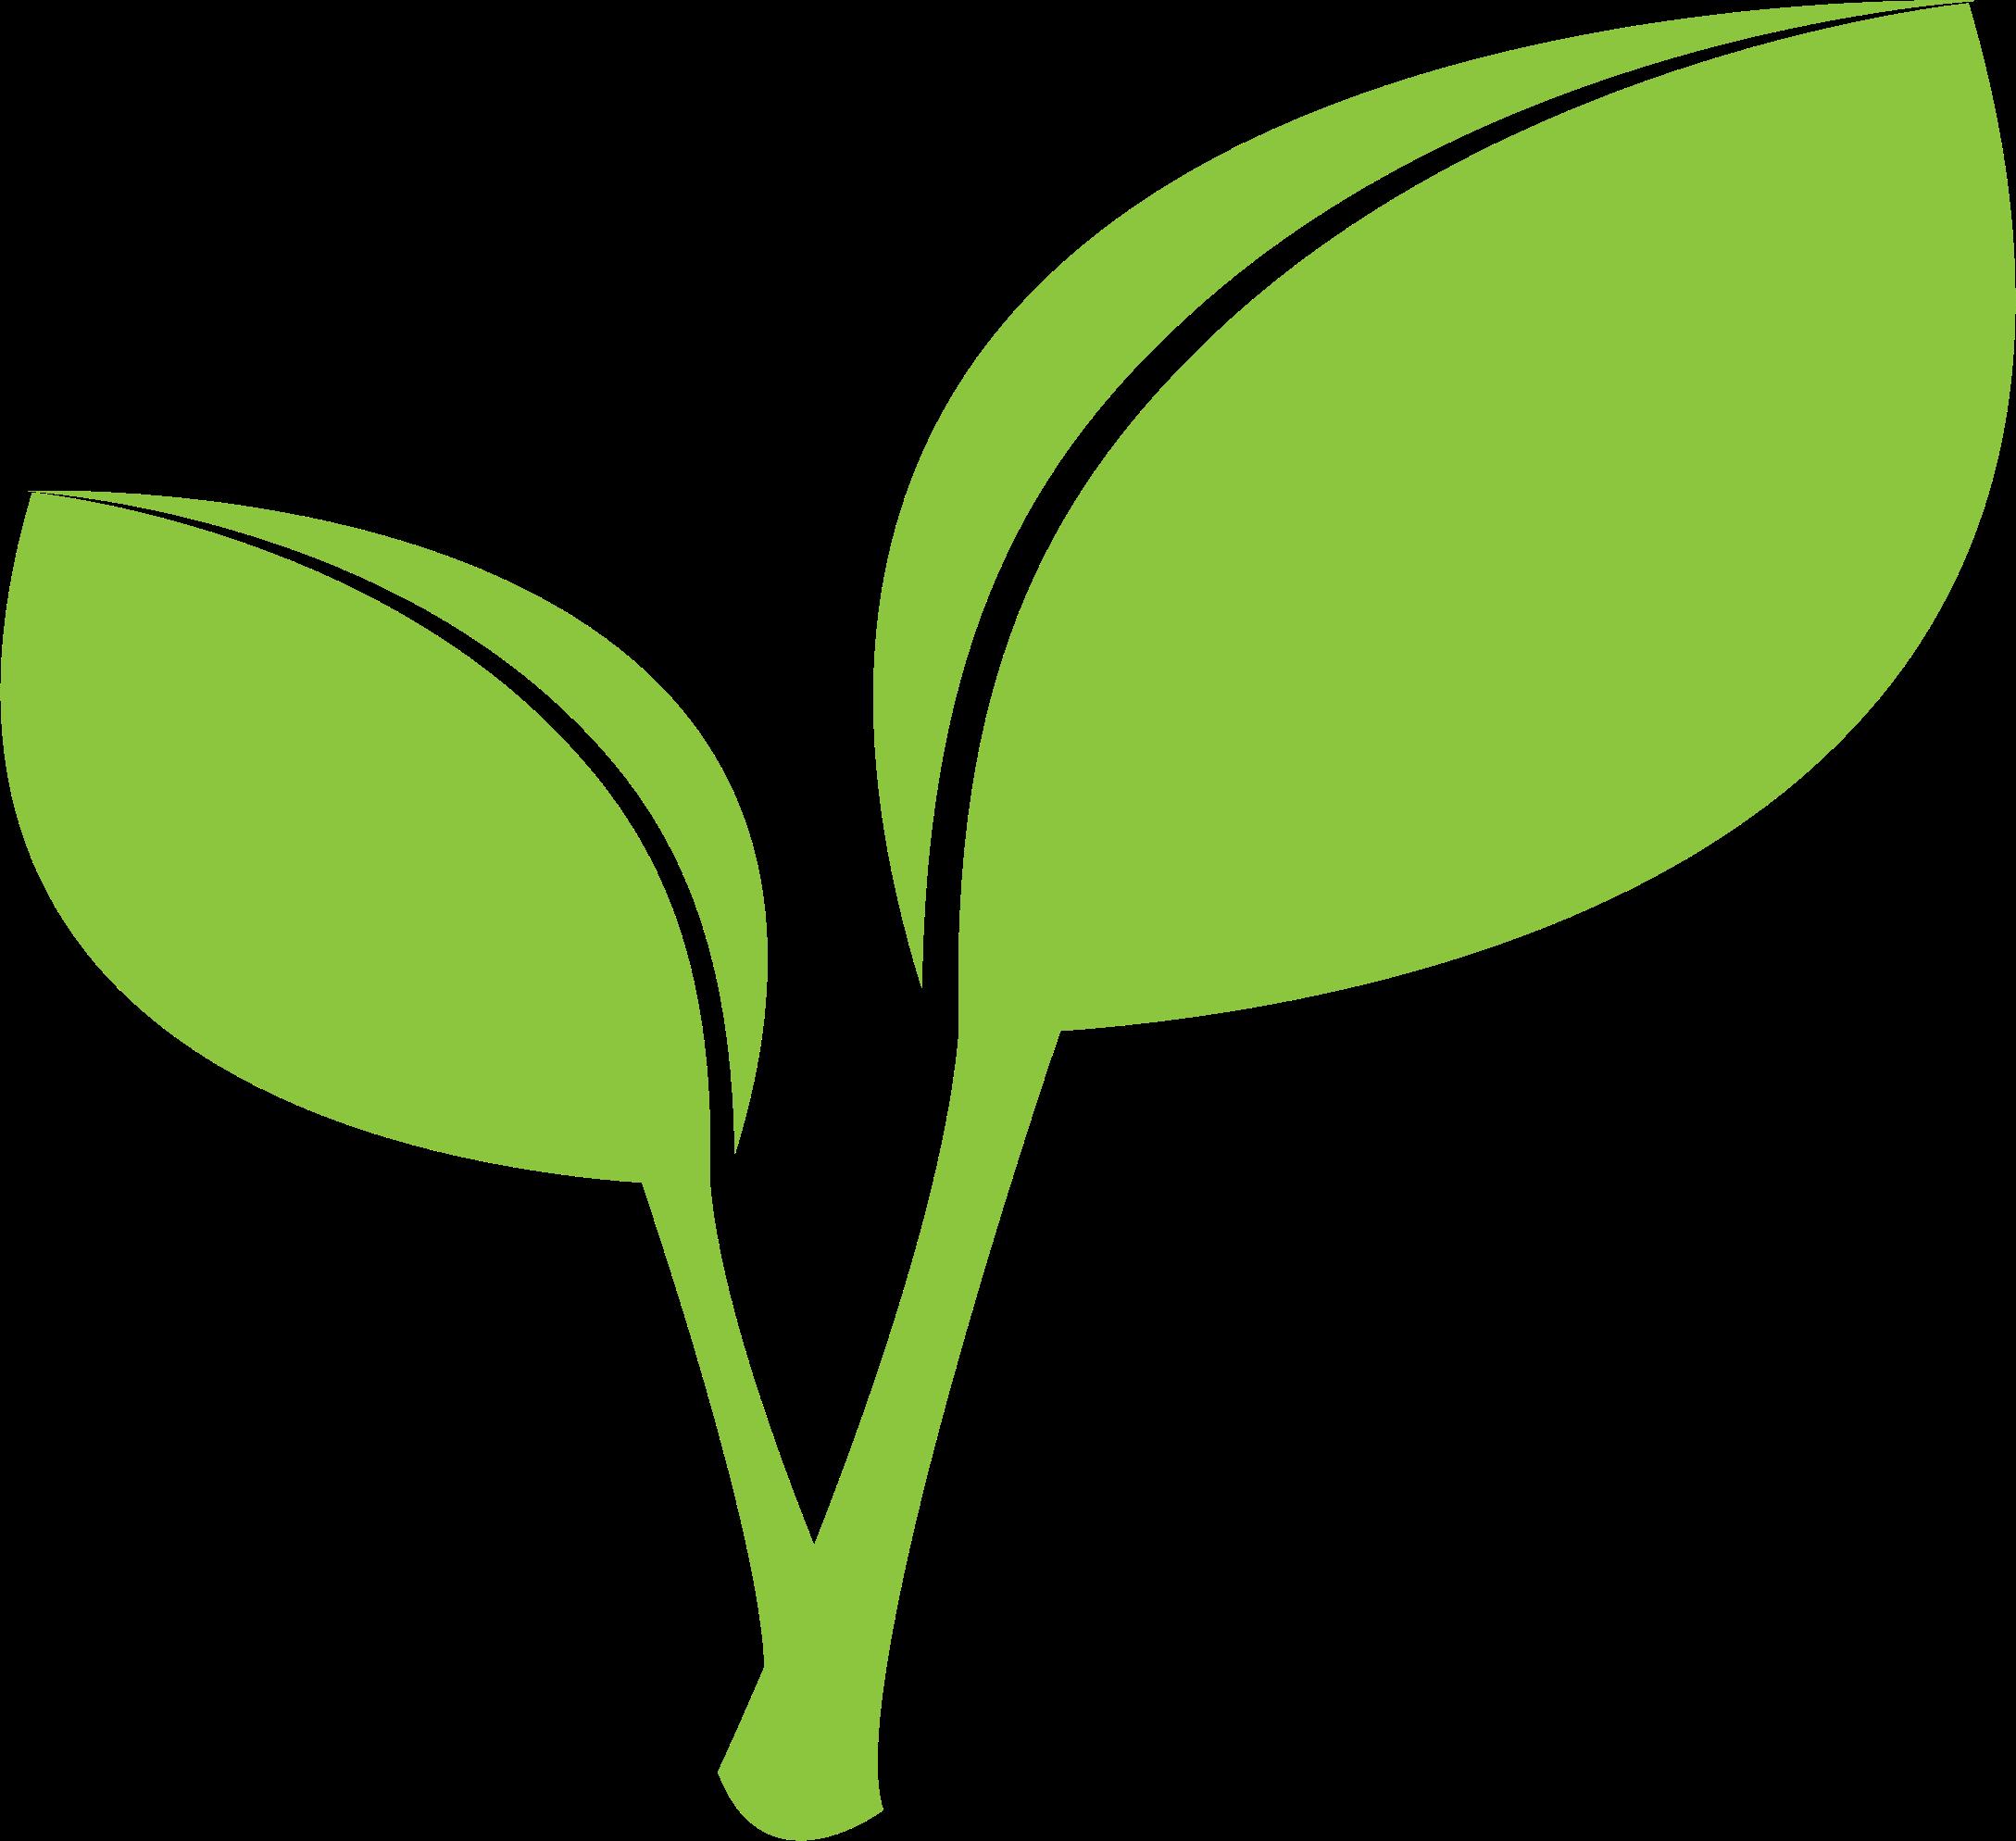 green leaves clip art